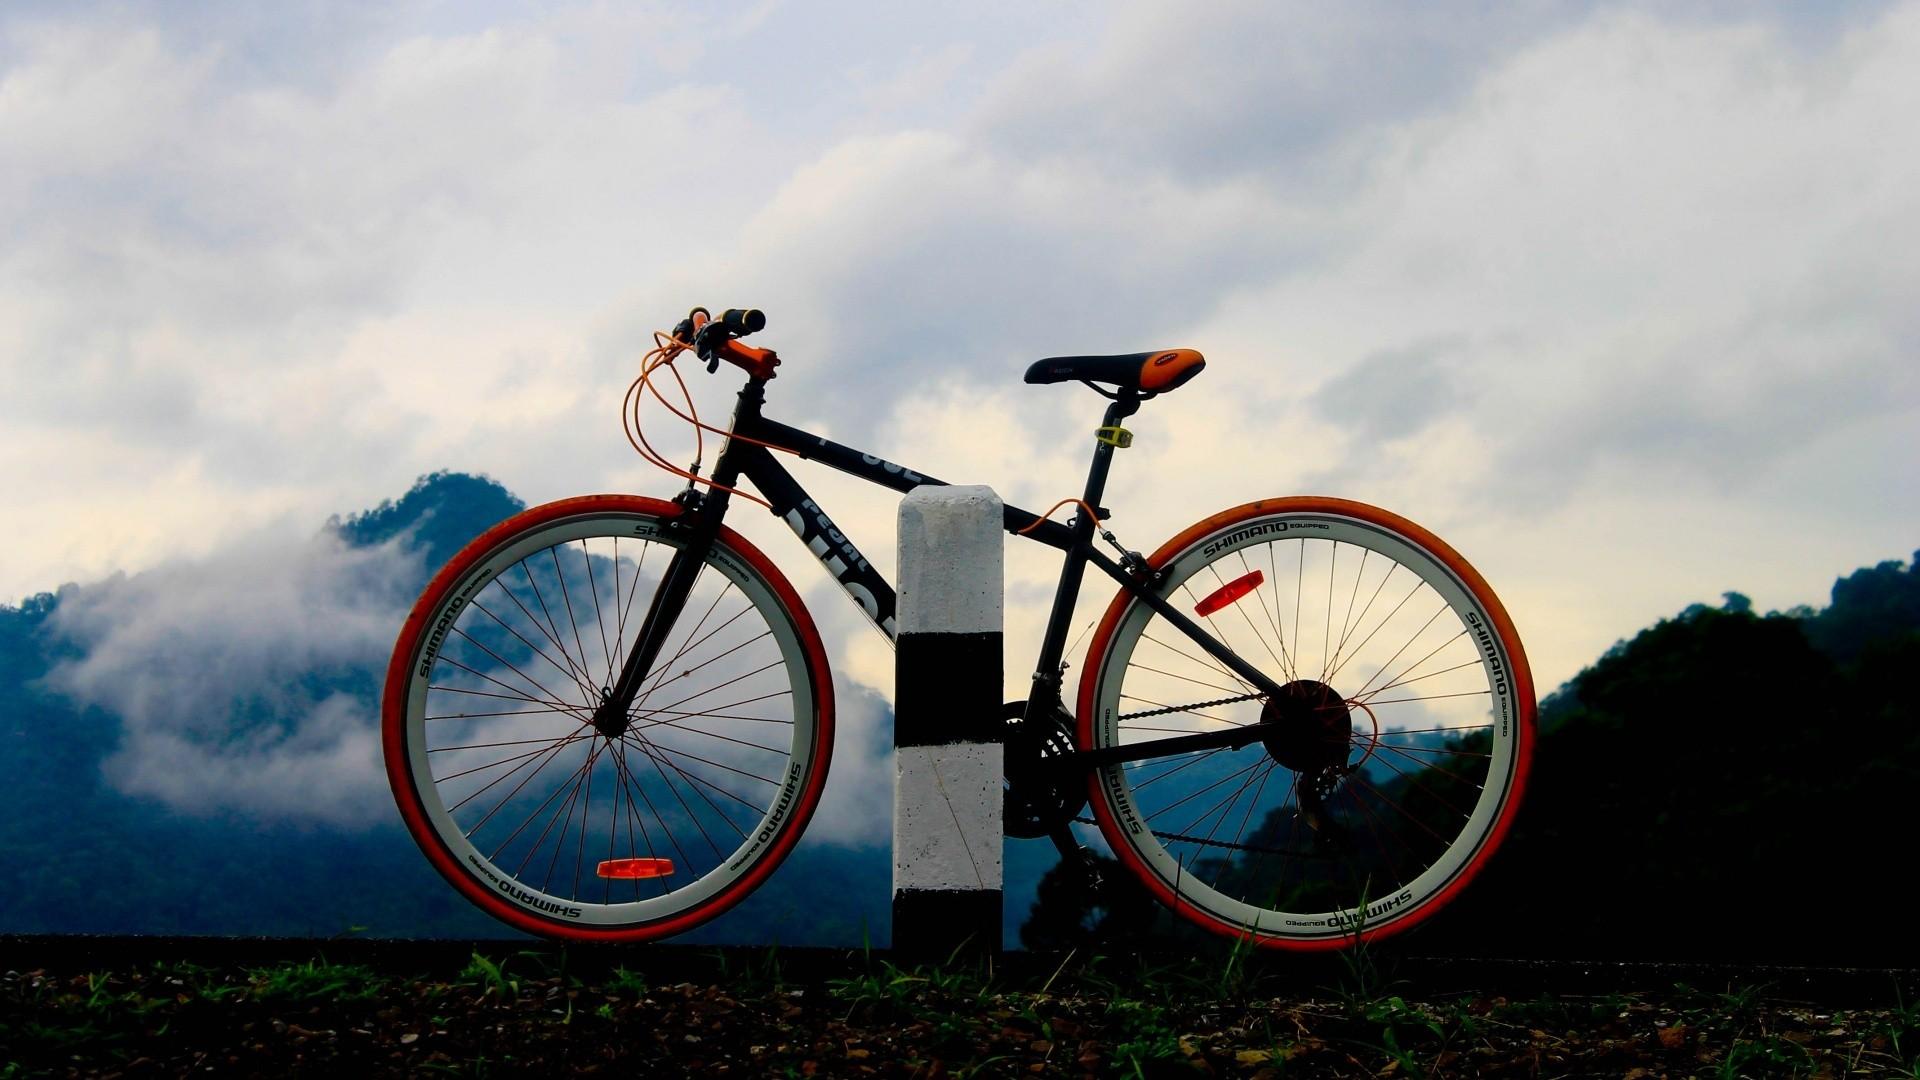 Bicicletas para montaña - 1920x1080